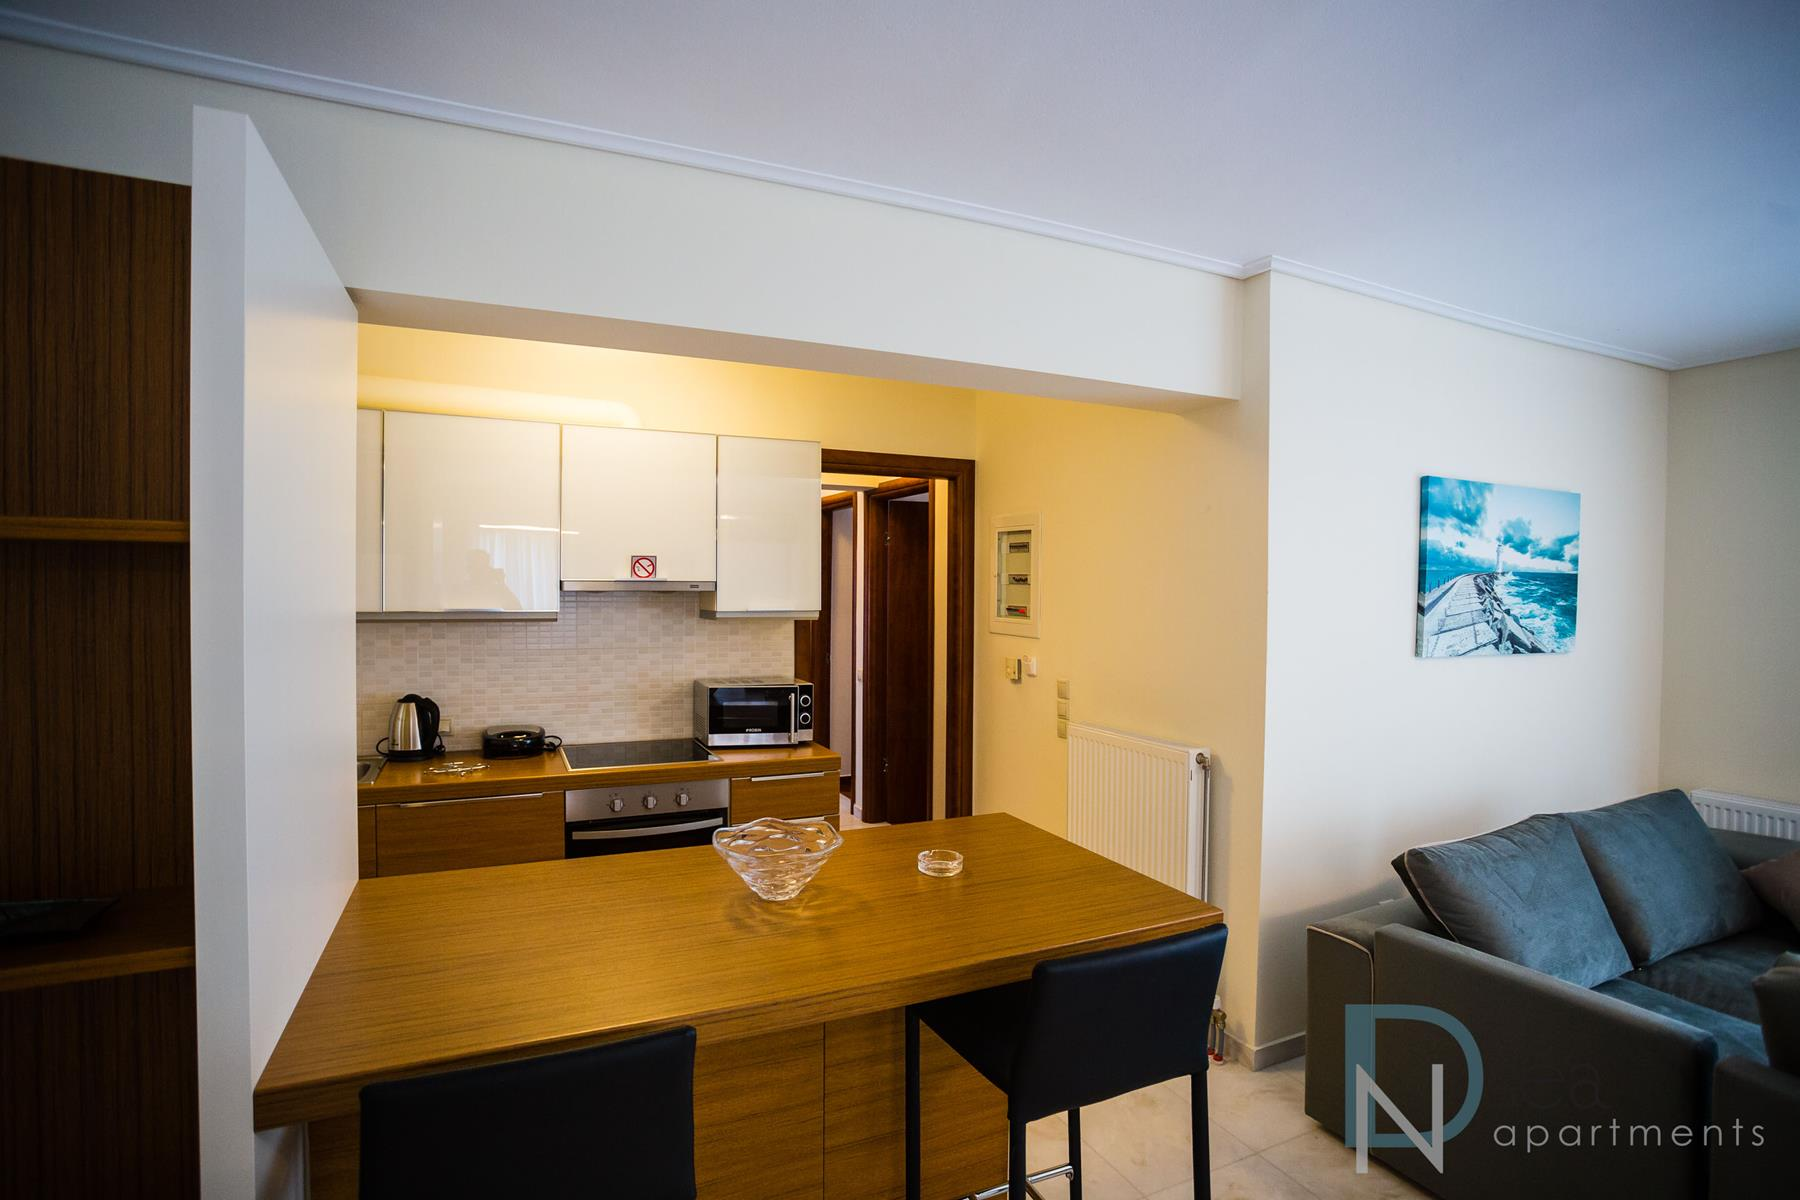 kalamata apartments - DN Sea Apartments